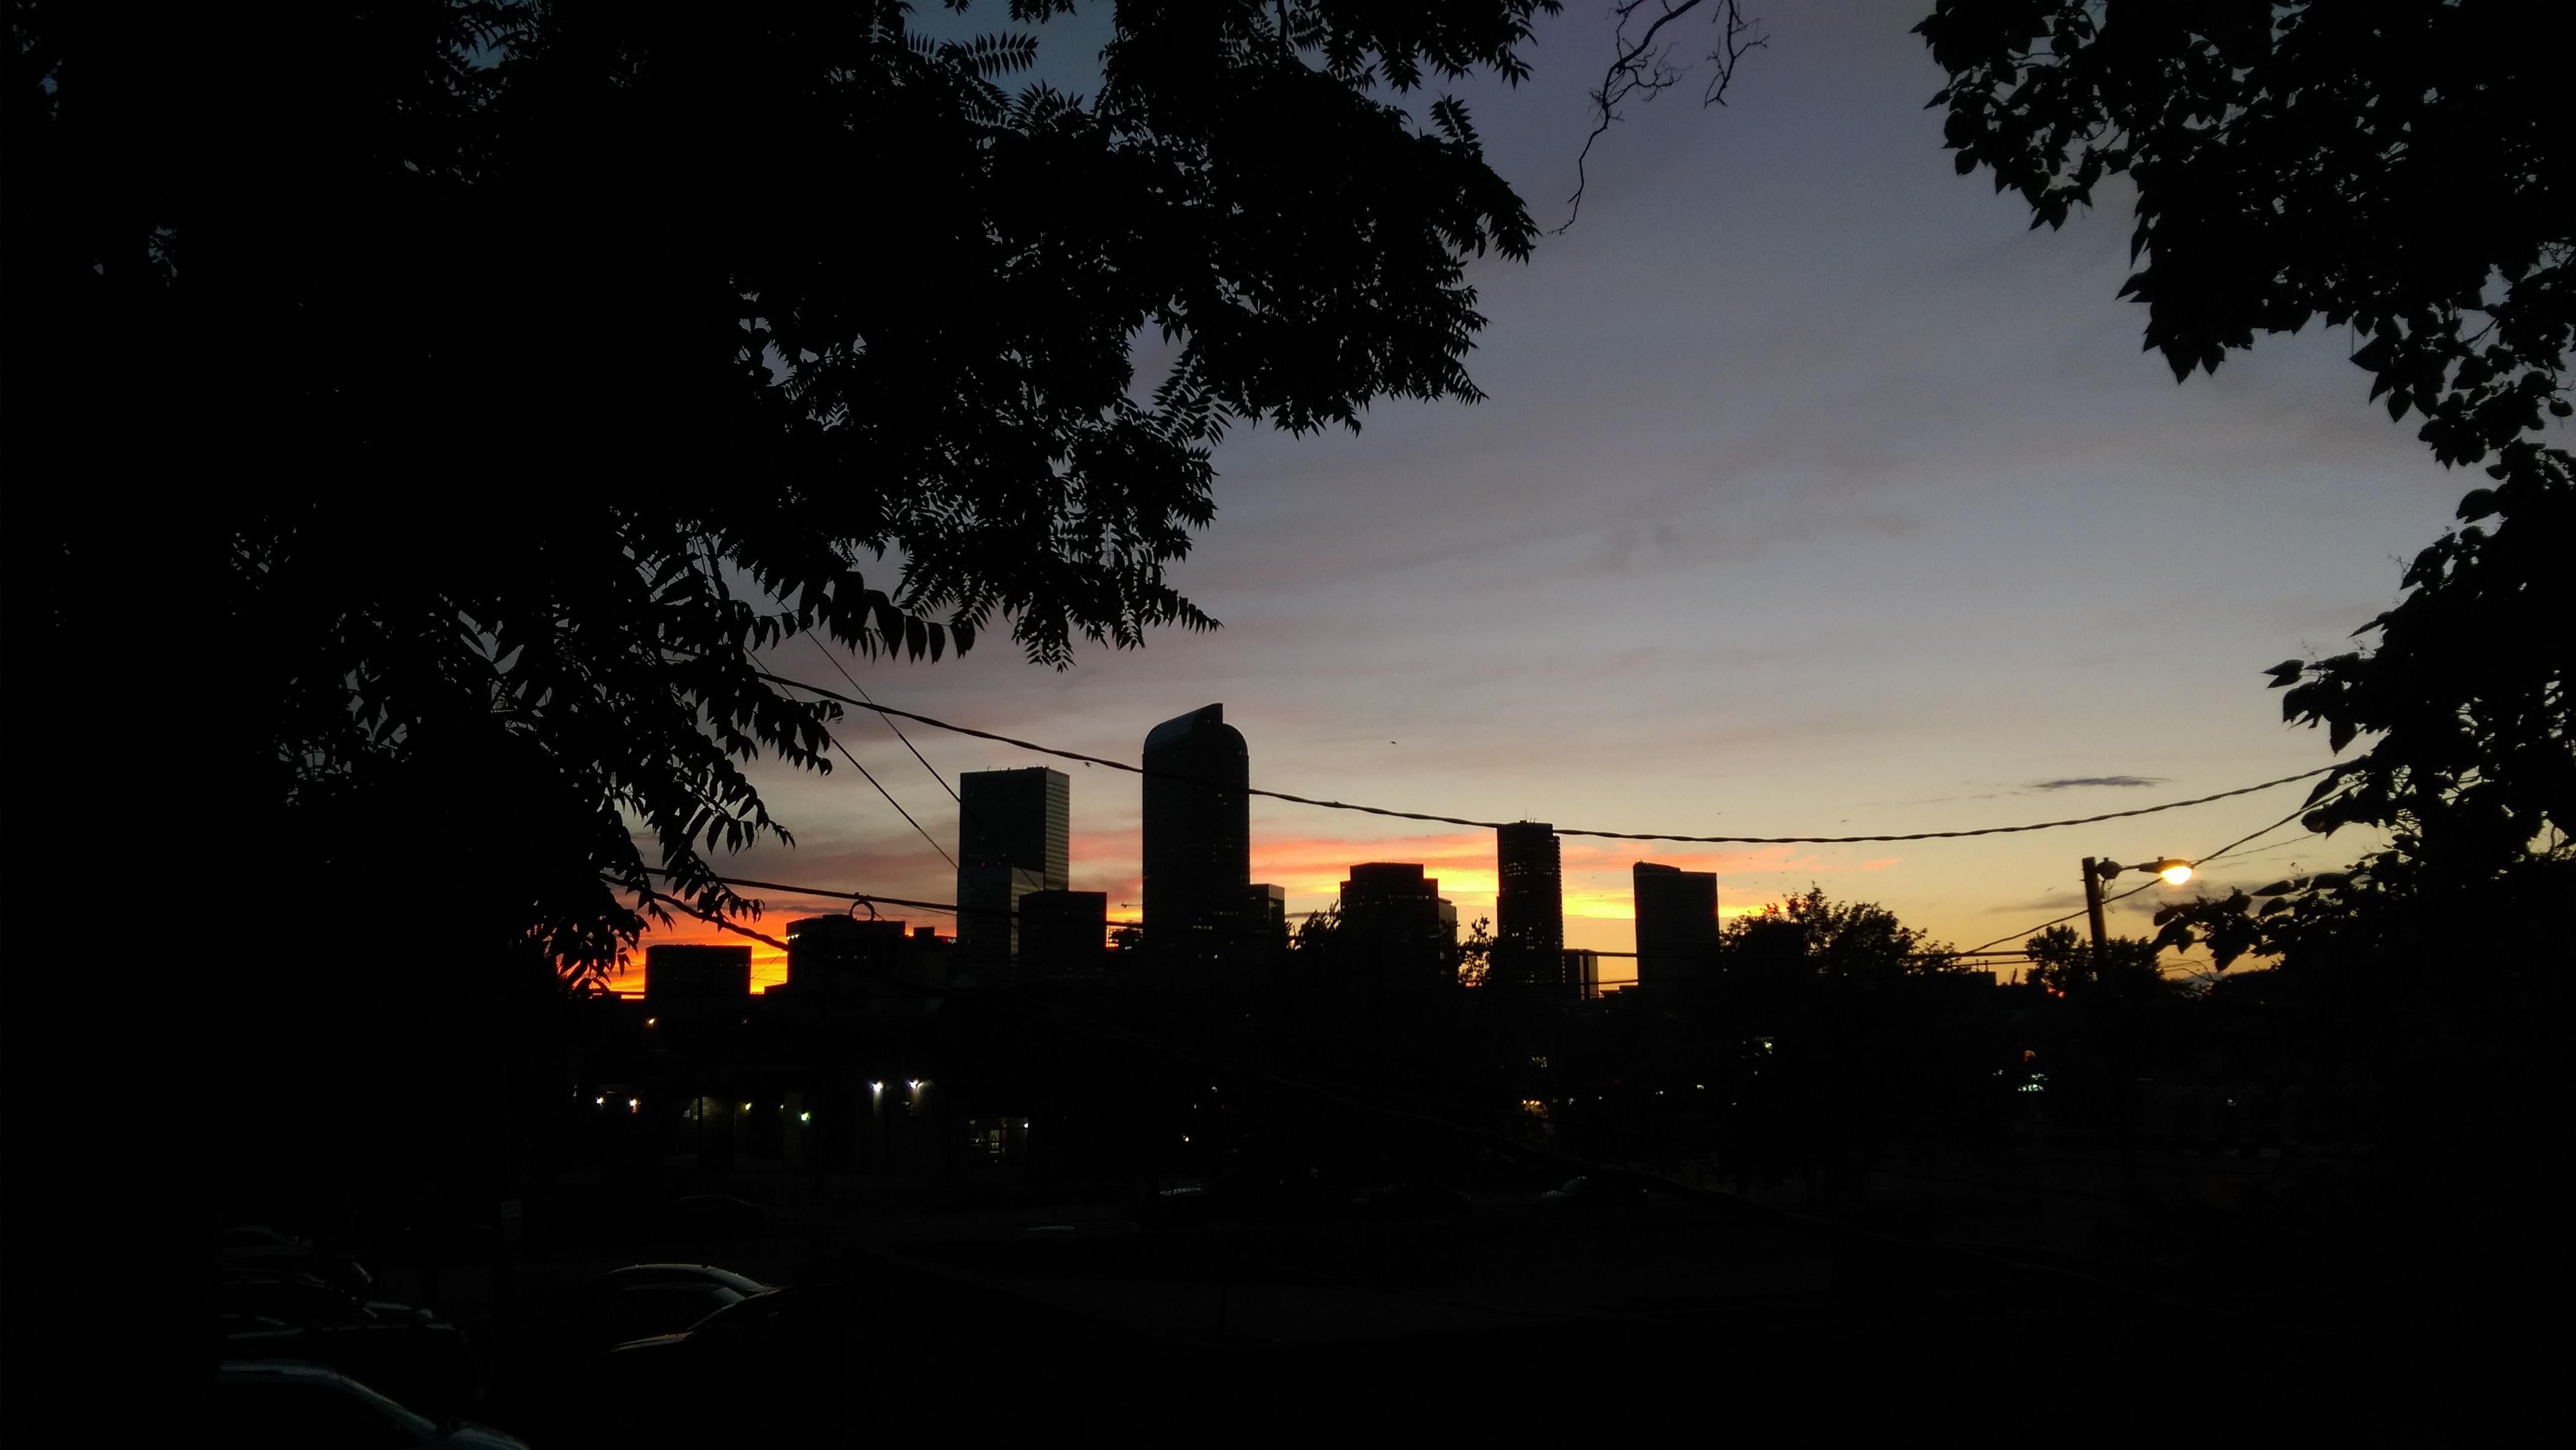 Denver skyline at sunset. The city. PC: Katelyn Skye Bennett